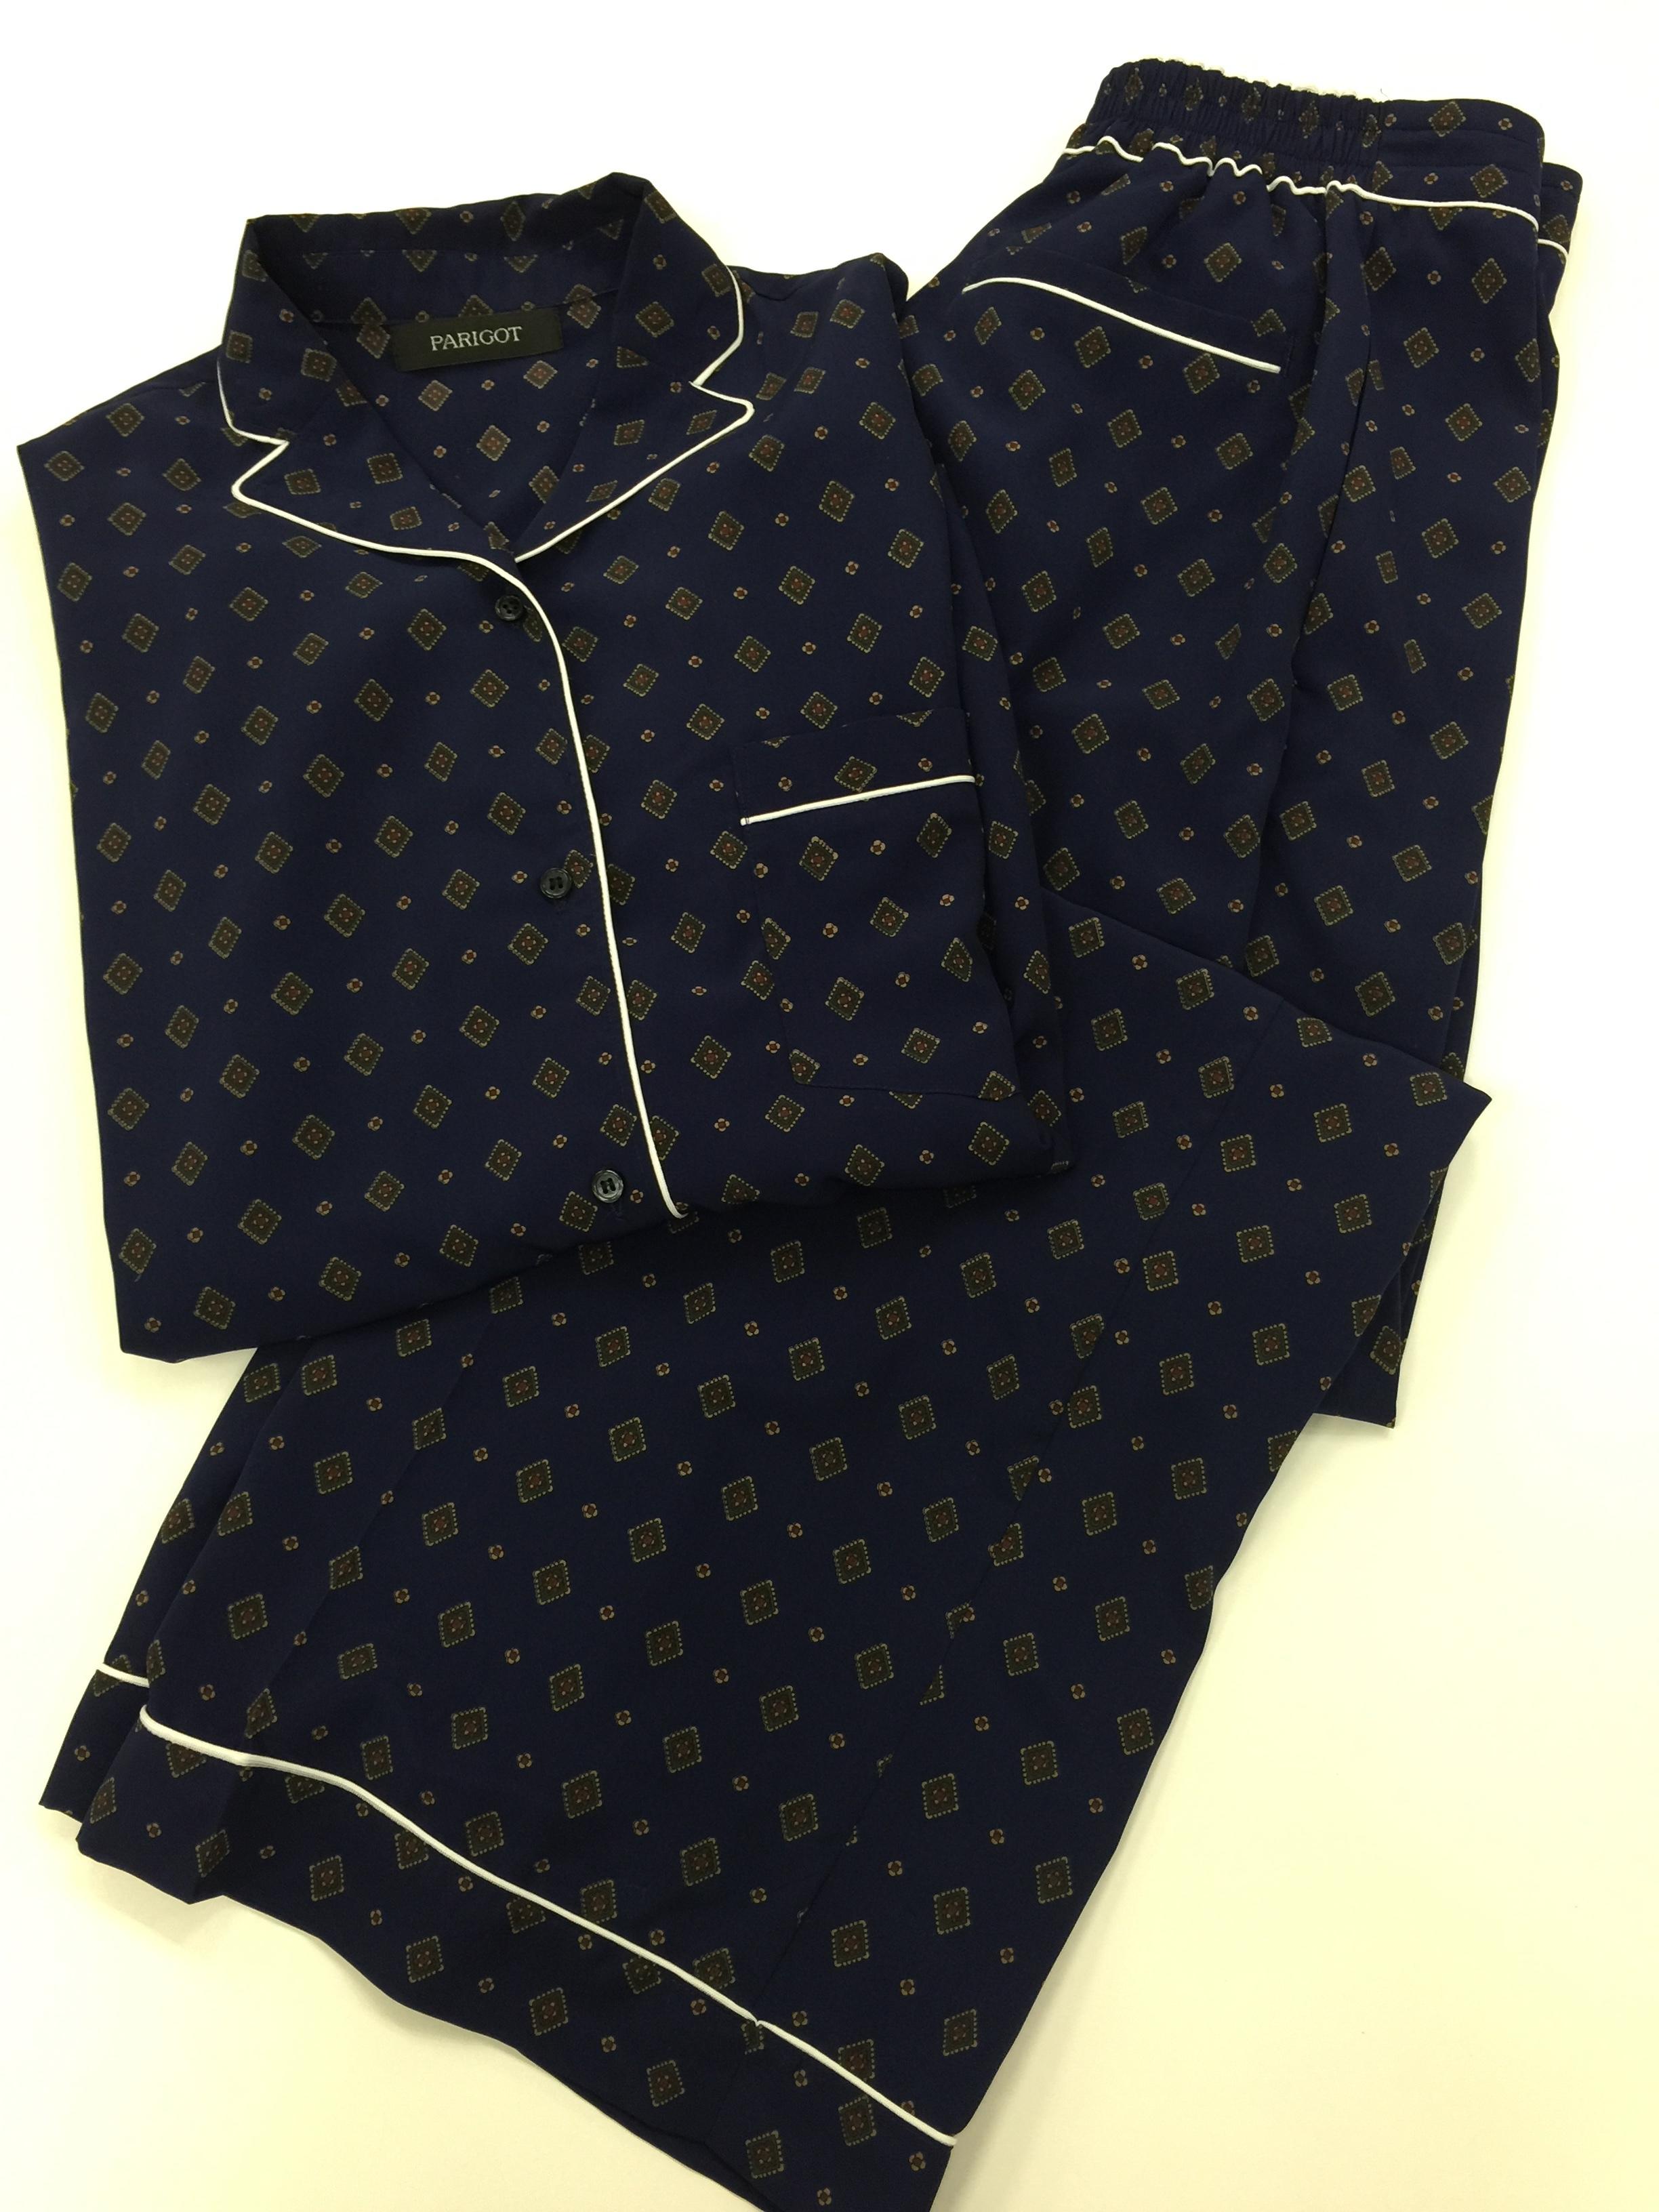 ワードローブに加えたい、PARIGOTのオリジナル服_1_6